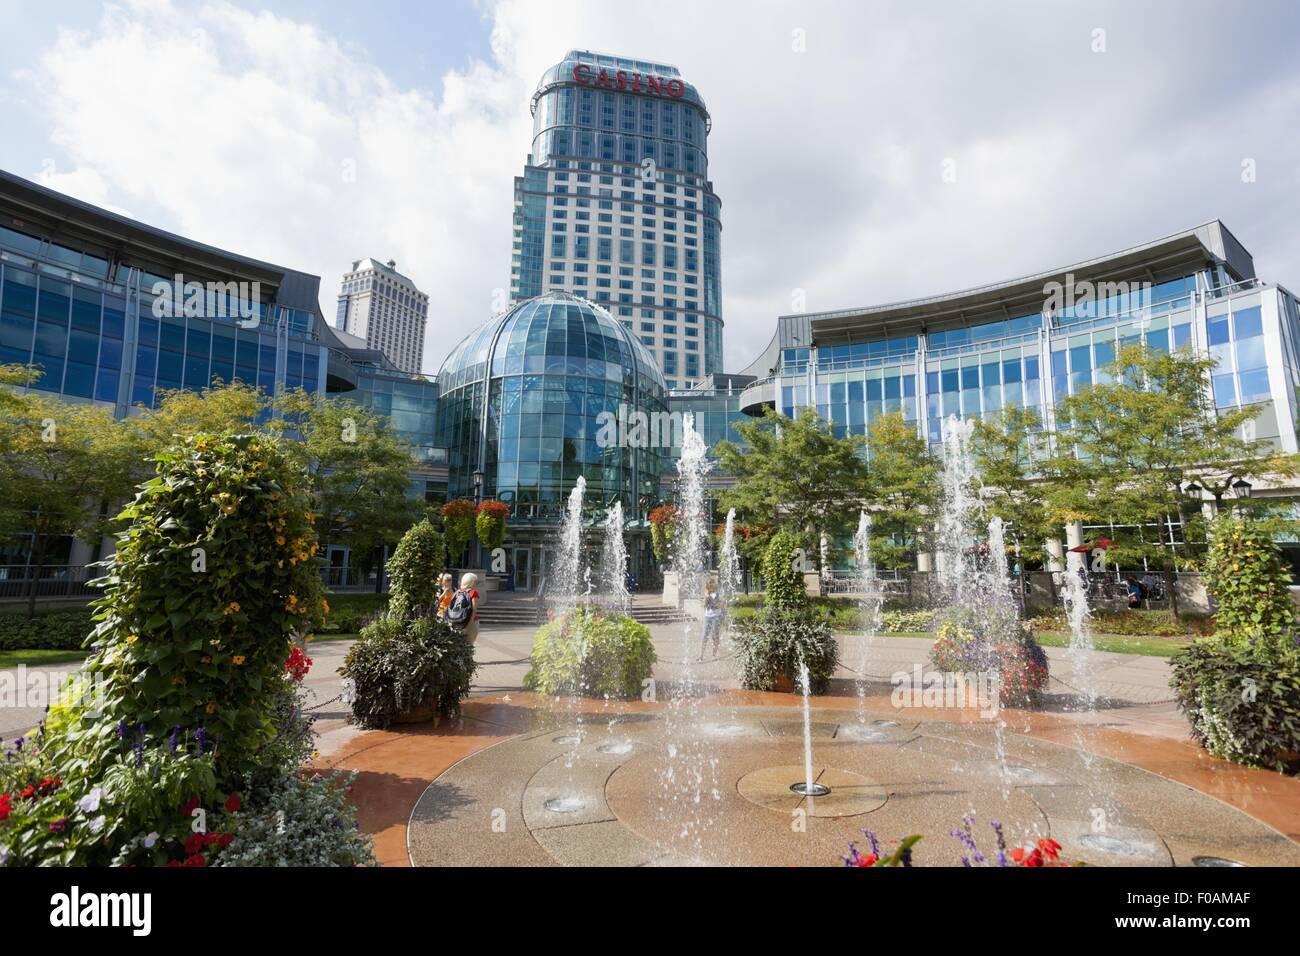 Niagarafallsviewcasinoresort oasis online casino